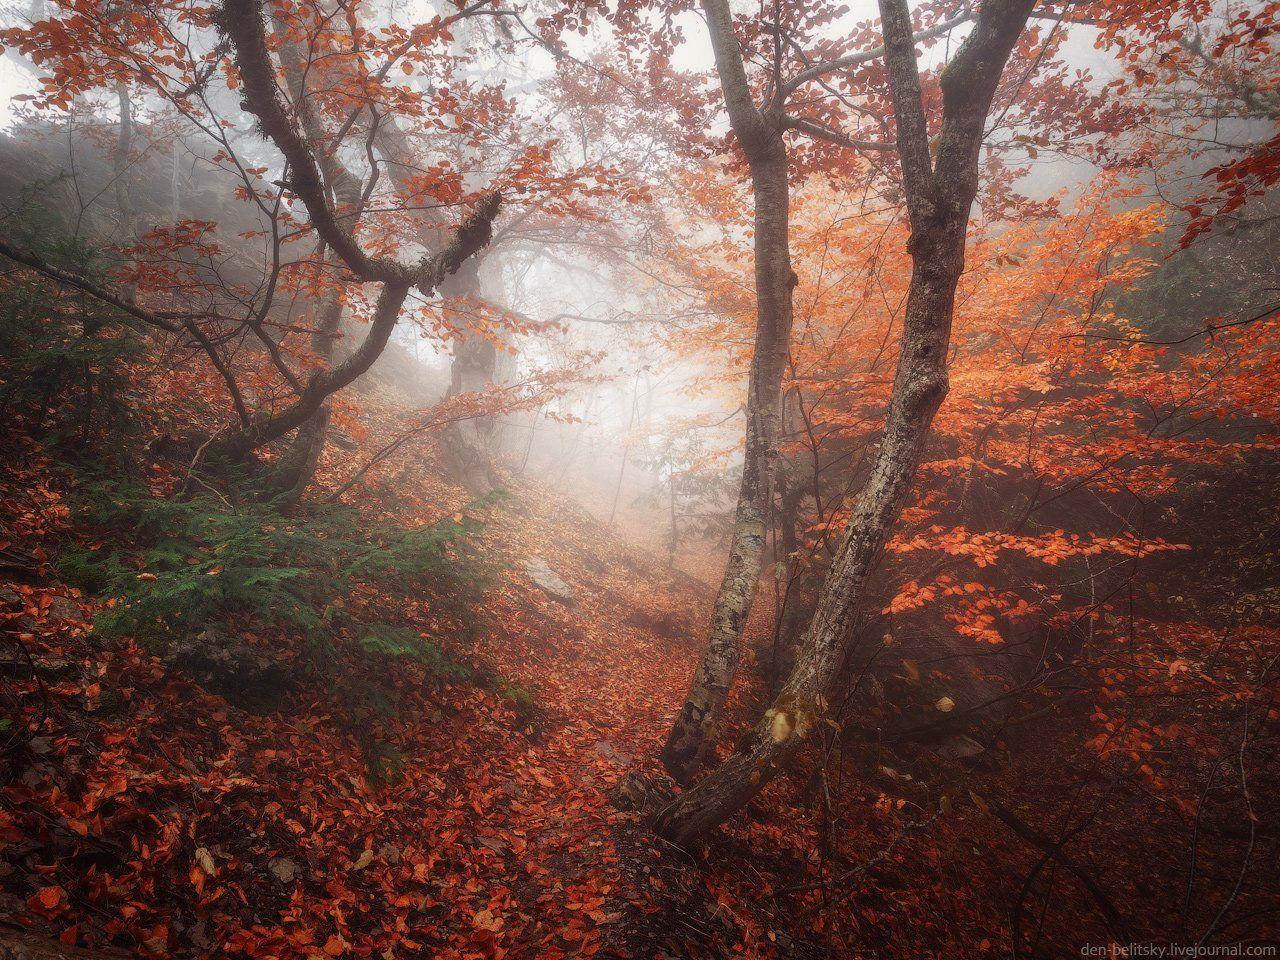 Деревья, Крым, Лес, Облака, Осень, Пейзаж, Туман, Утро, Денис Белицкий